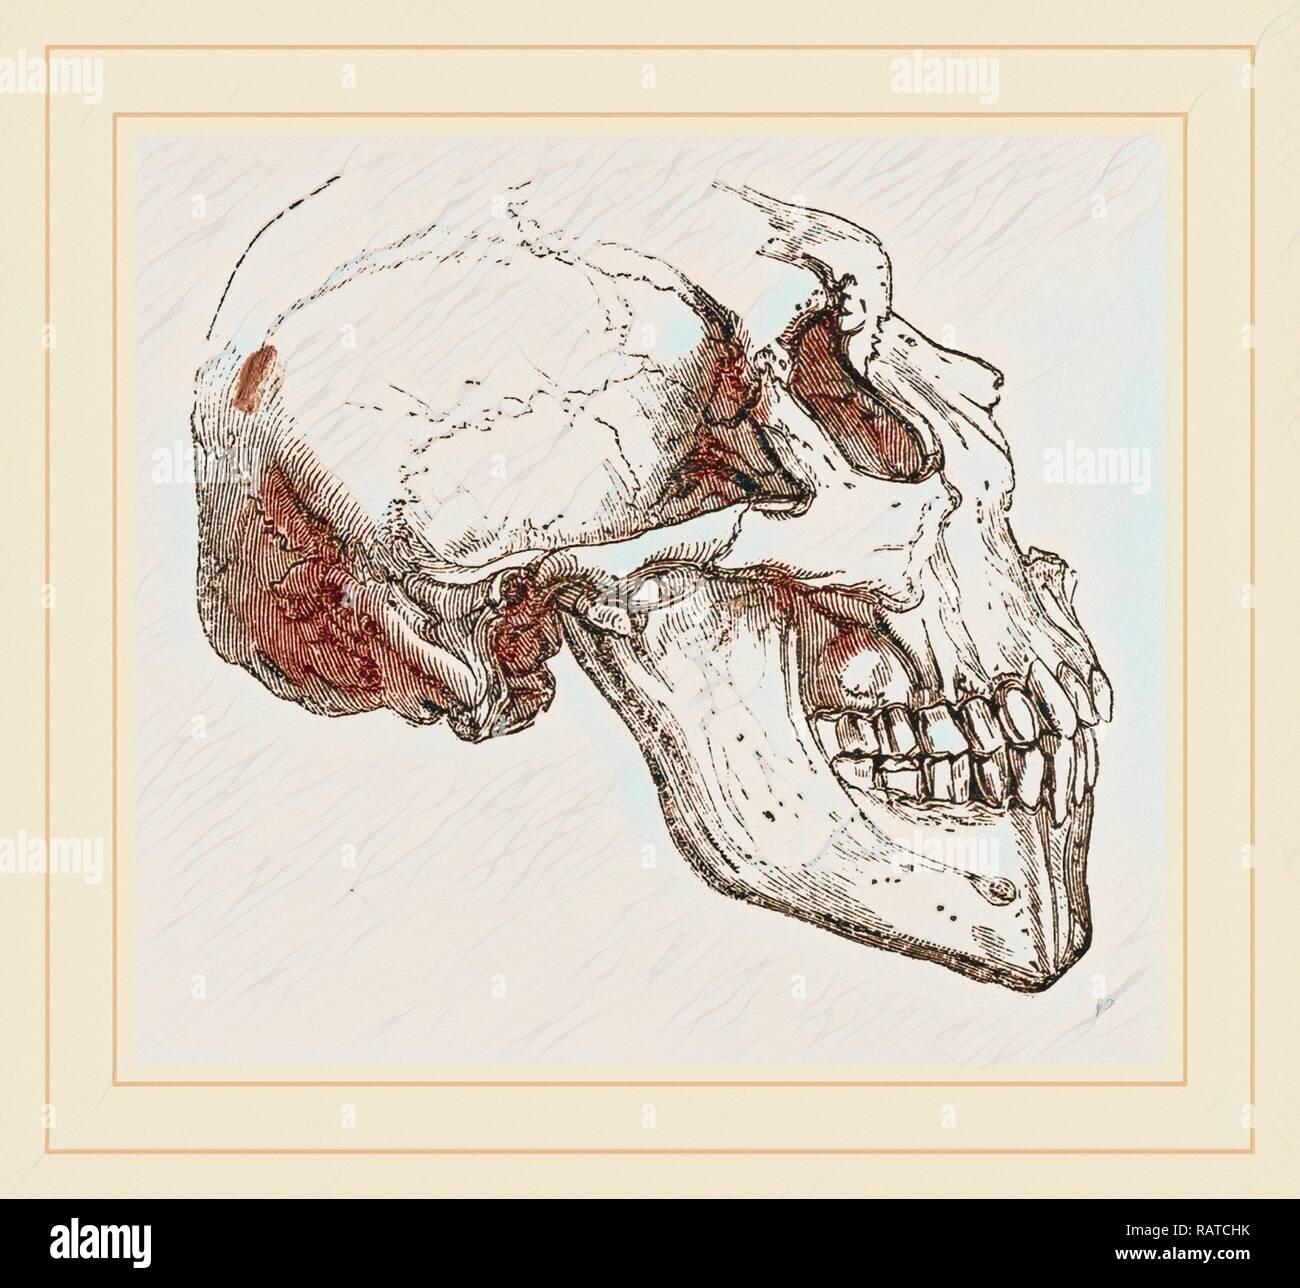 Crâne de l'idiot. Repensé par Gibon. L'art classique avec une touche moderne repensé Photo Stock